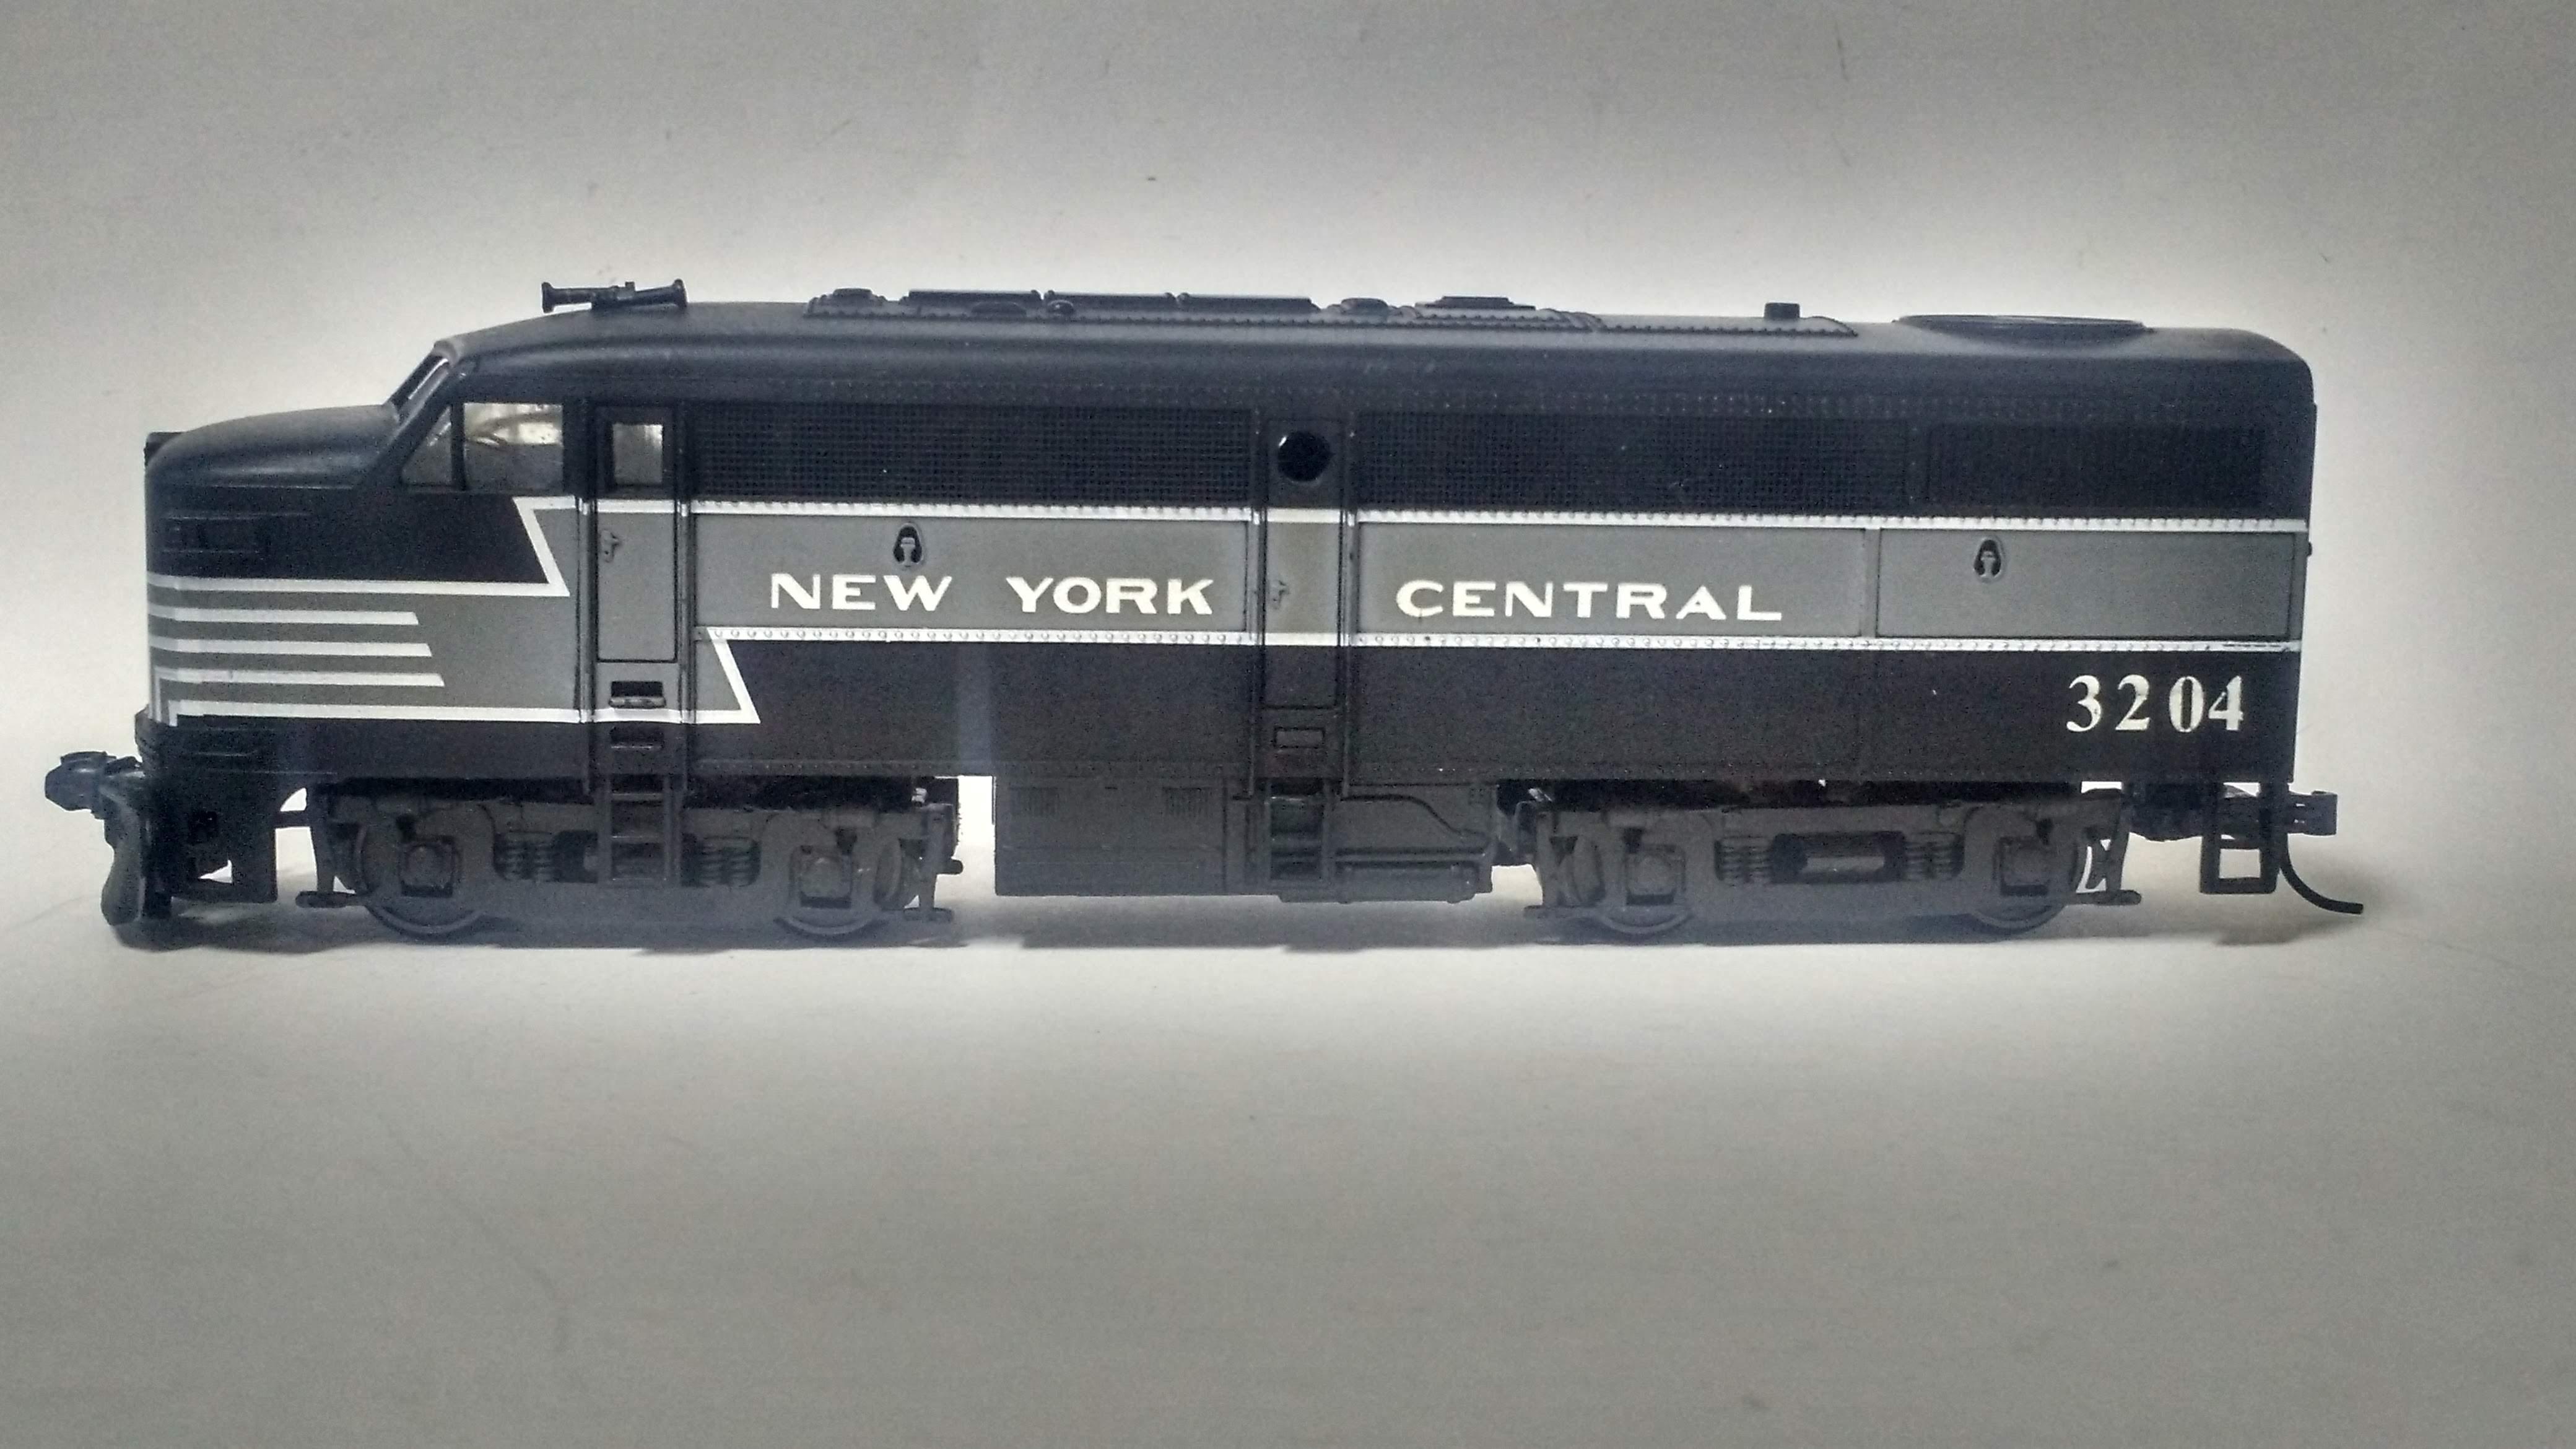 Locomotiva FA 1 New York Central  3204 com engate Kadee